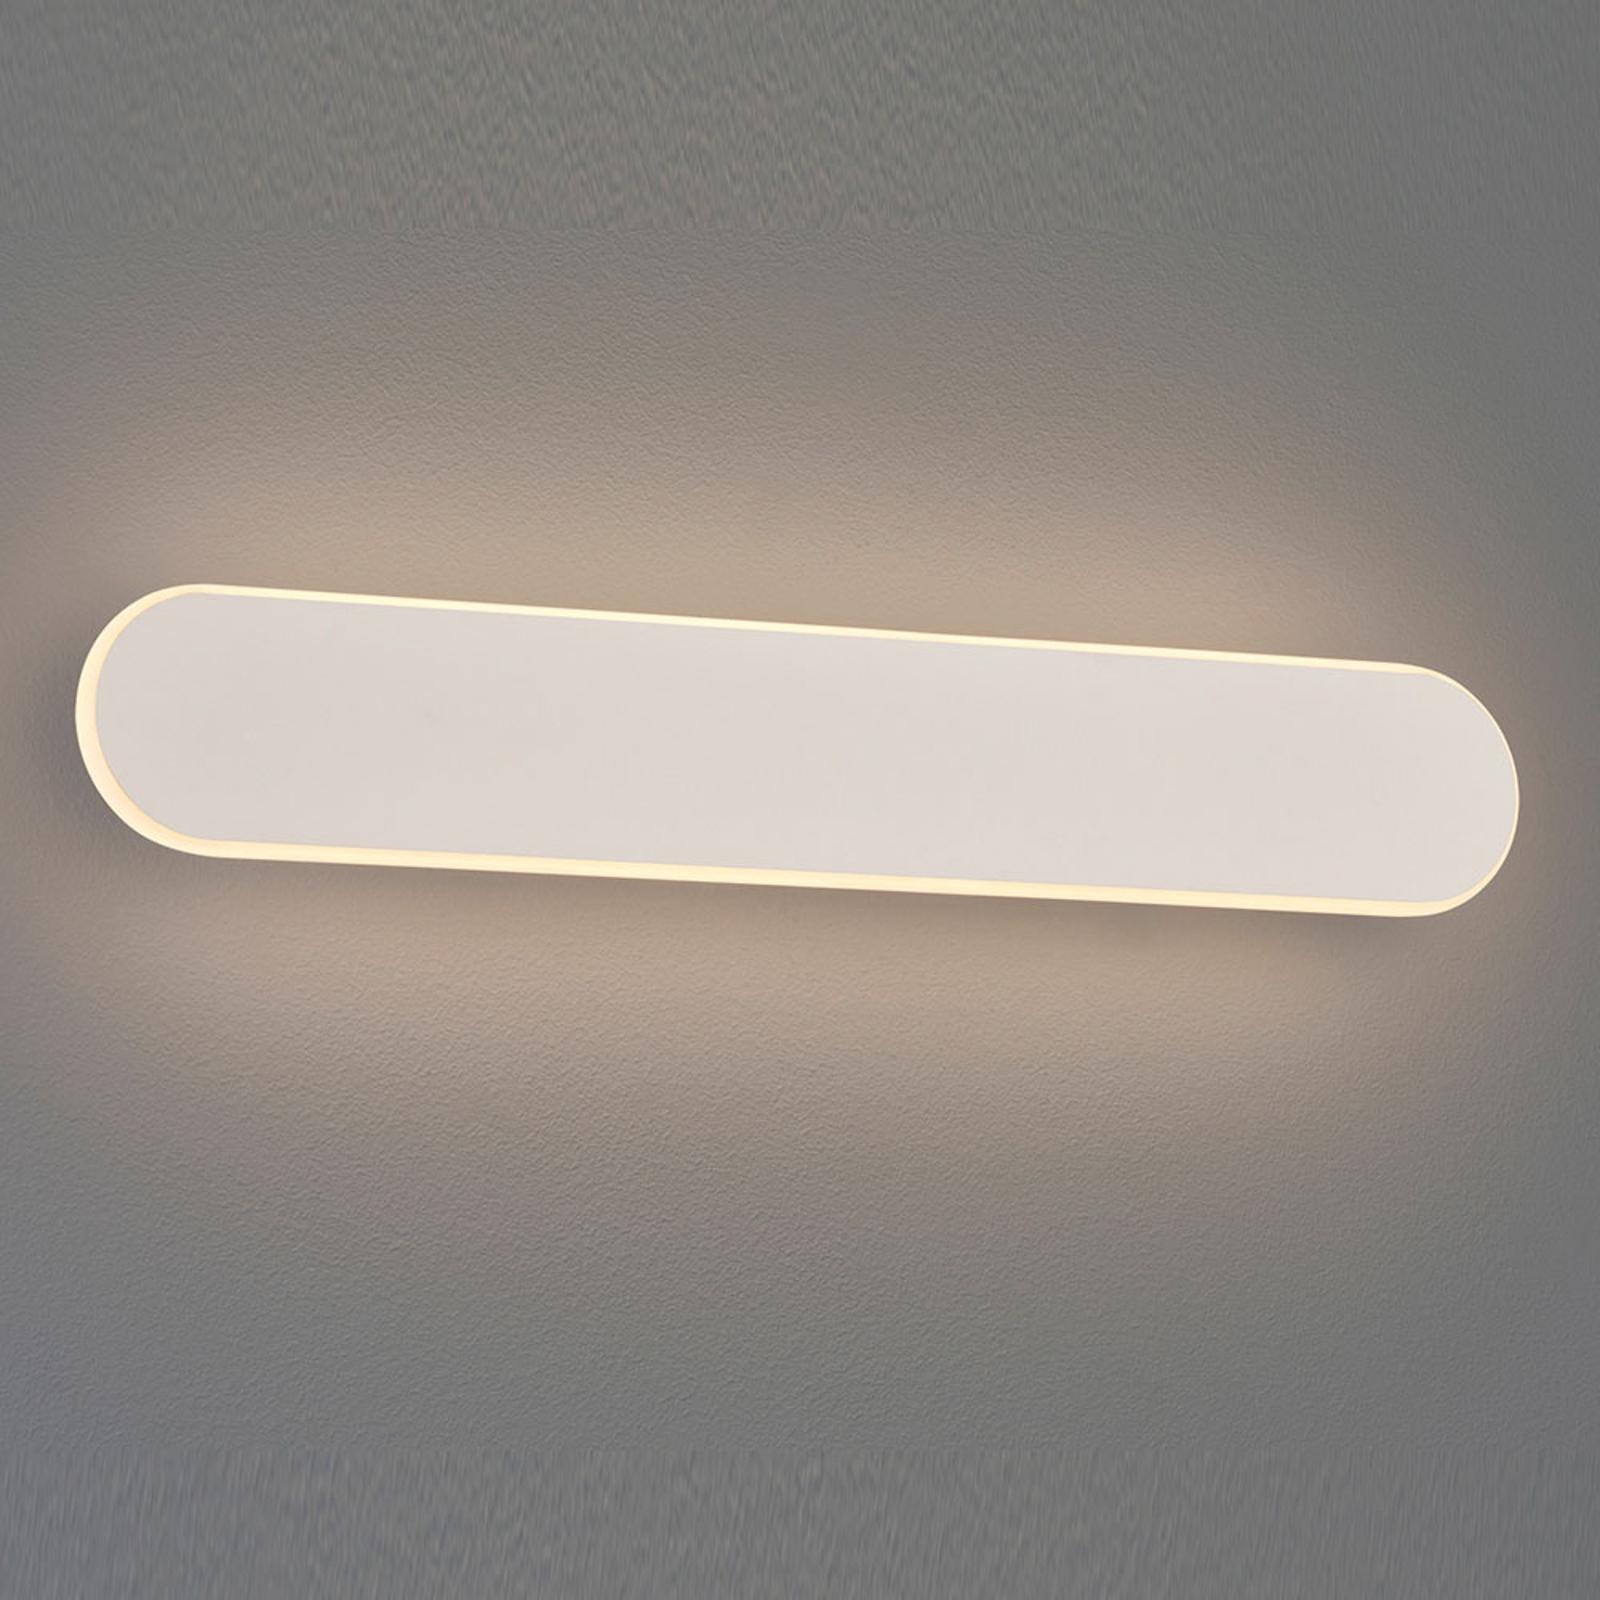 LED wandlamp Carlo, SwitchDim, 50 cm, wit